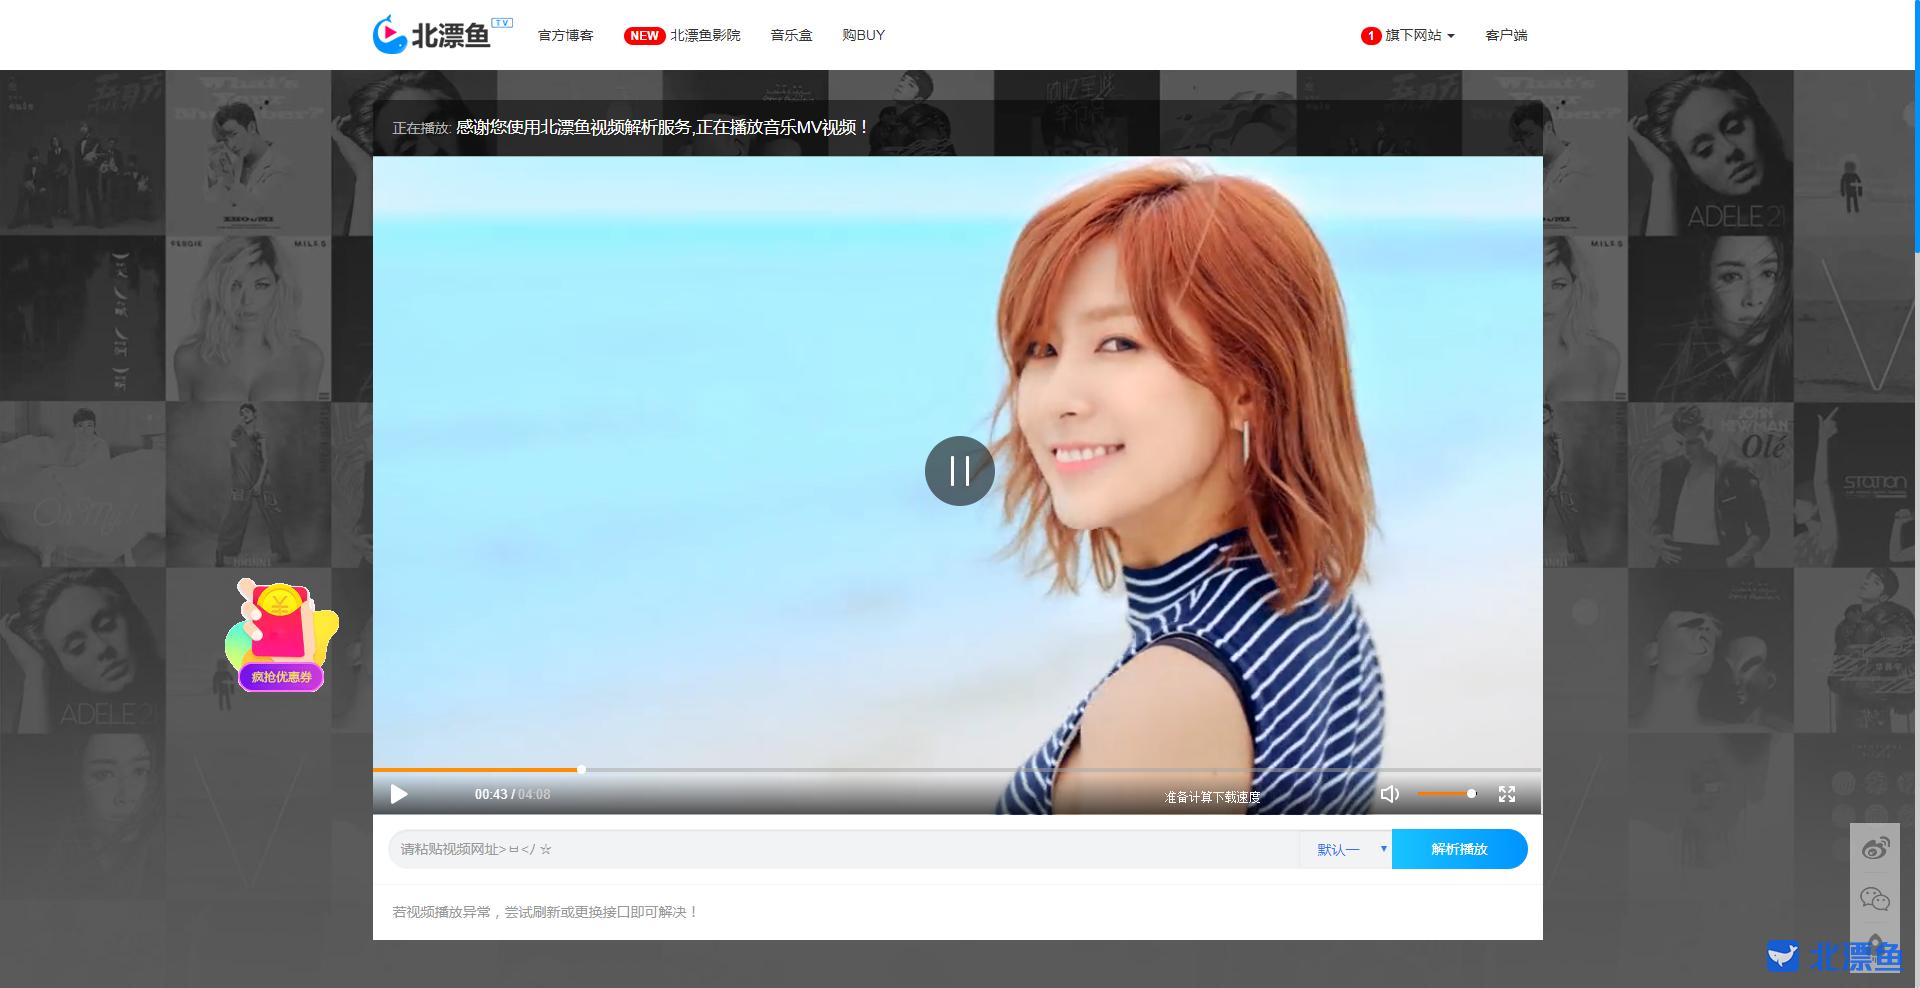 VipVideoResolution(北漂鱼):免费VIP视频解析源码